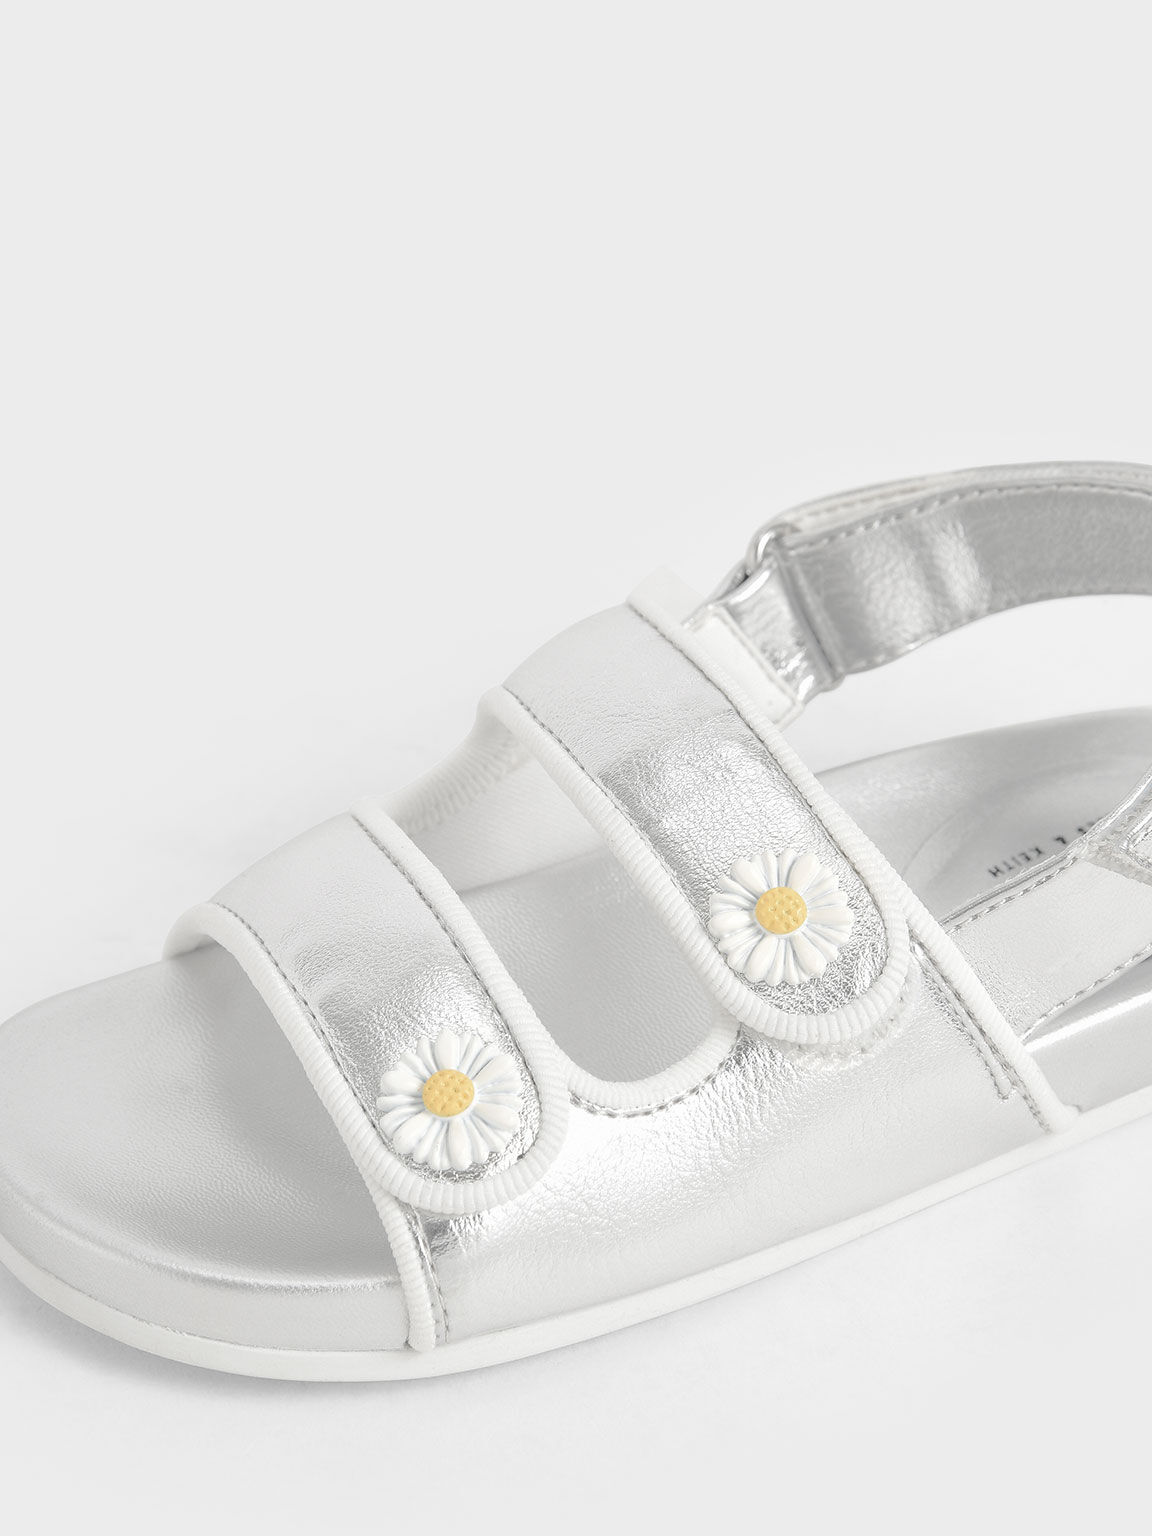 Girls' Metallic Flower-Embellished Platform Sandals, Silver, hi-res